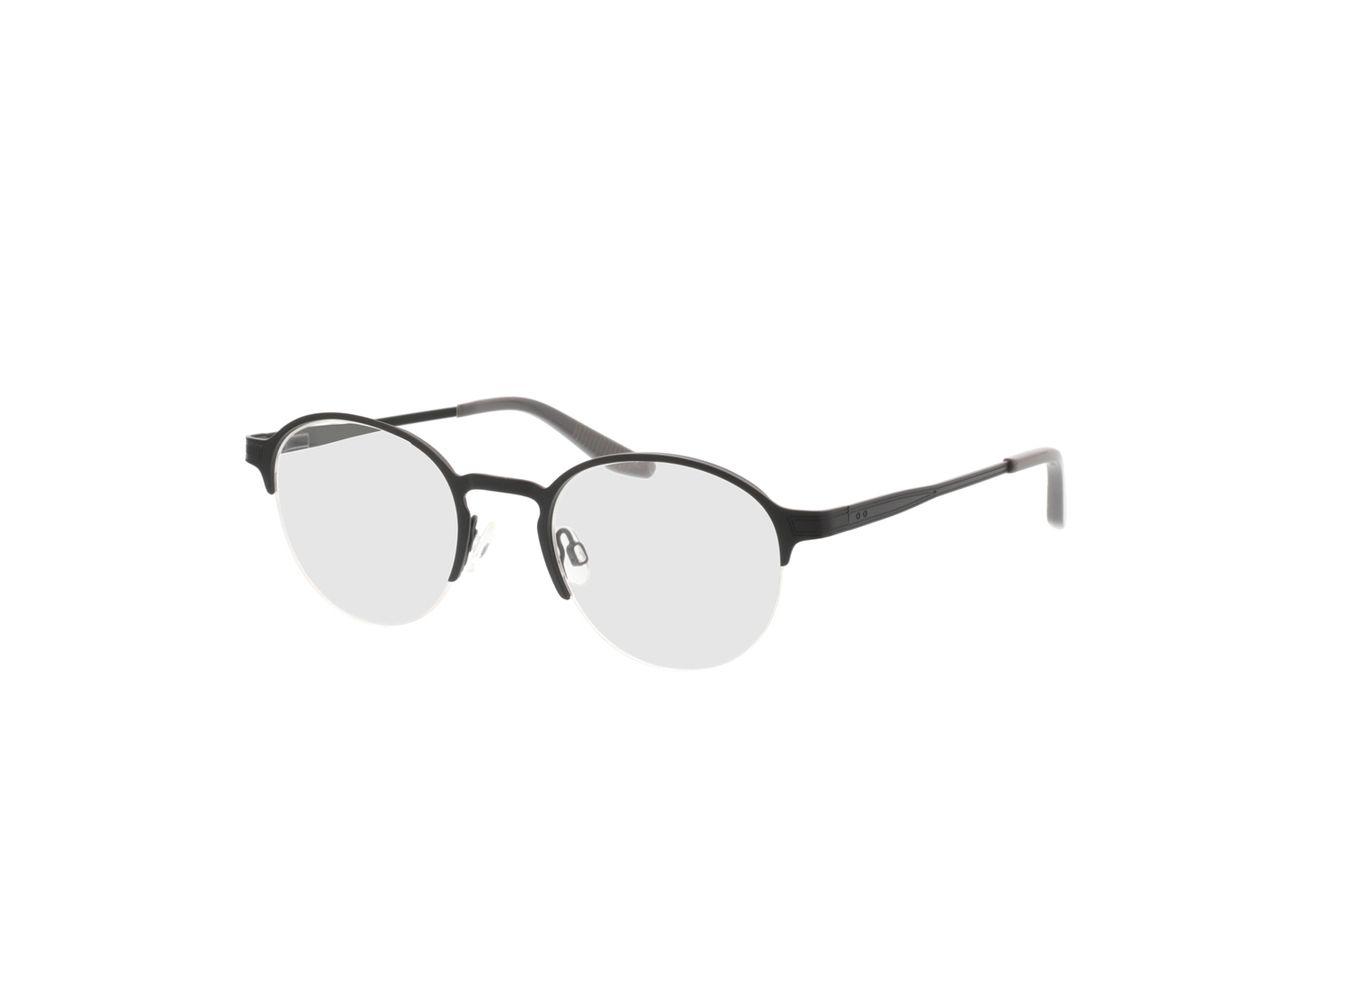 4250325291904-singlevision-0000 Nino-matt schwarz Gleitsichtbrille, Halbrand, Rund OMNIO by Brille24